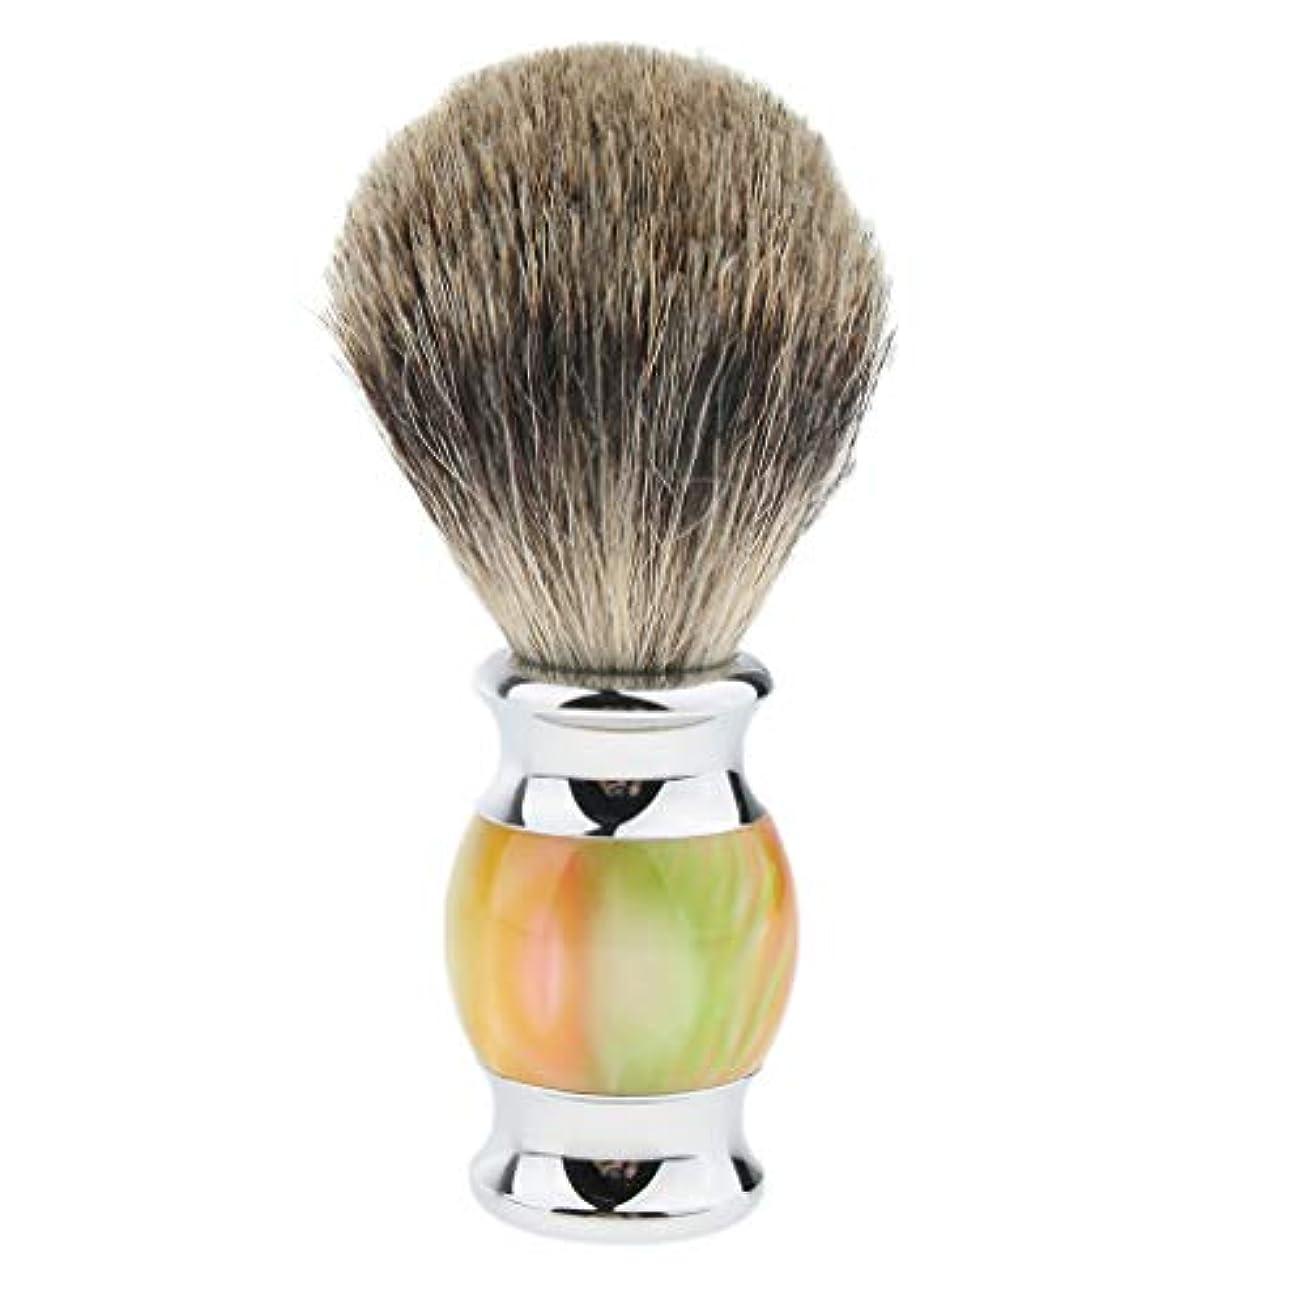 チート説教する売り手シェービングブラシ メンズ 髭剃り ひげ剃り ひげそり 美容 理容 多色選べ - 01